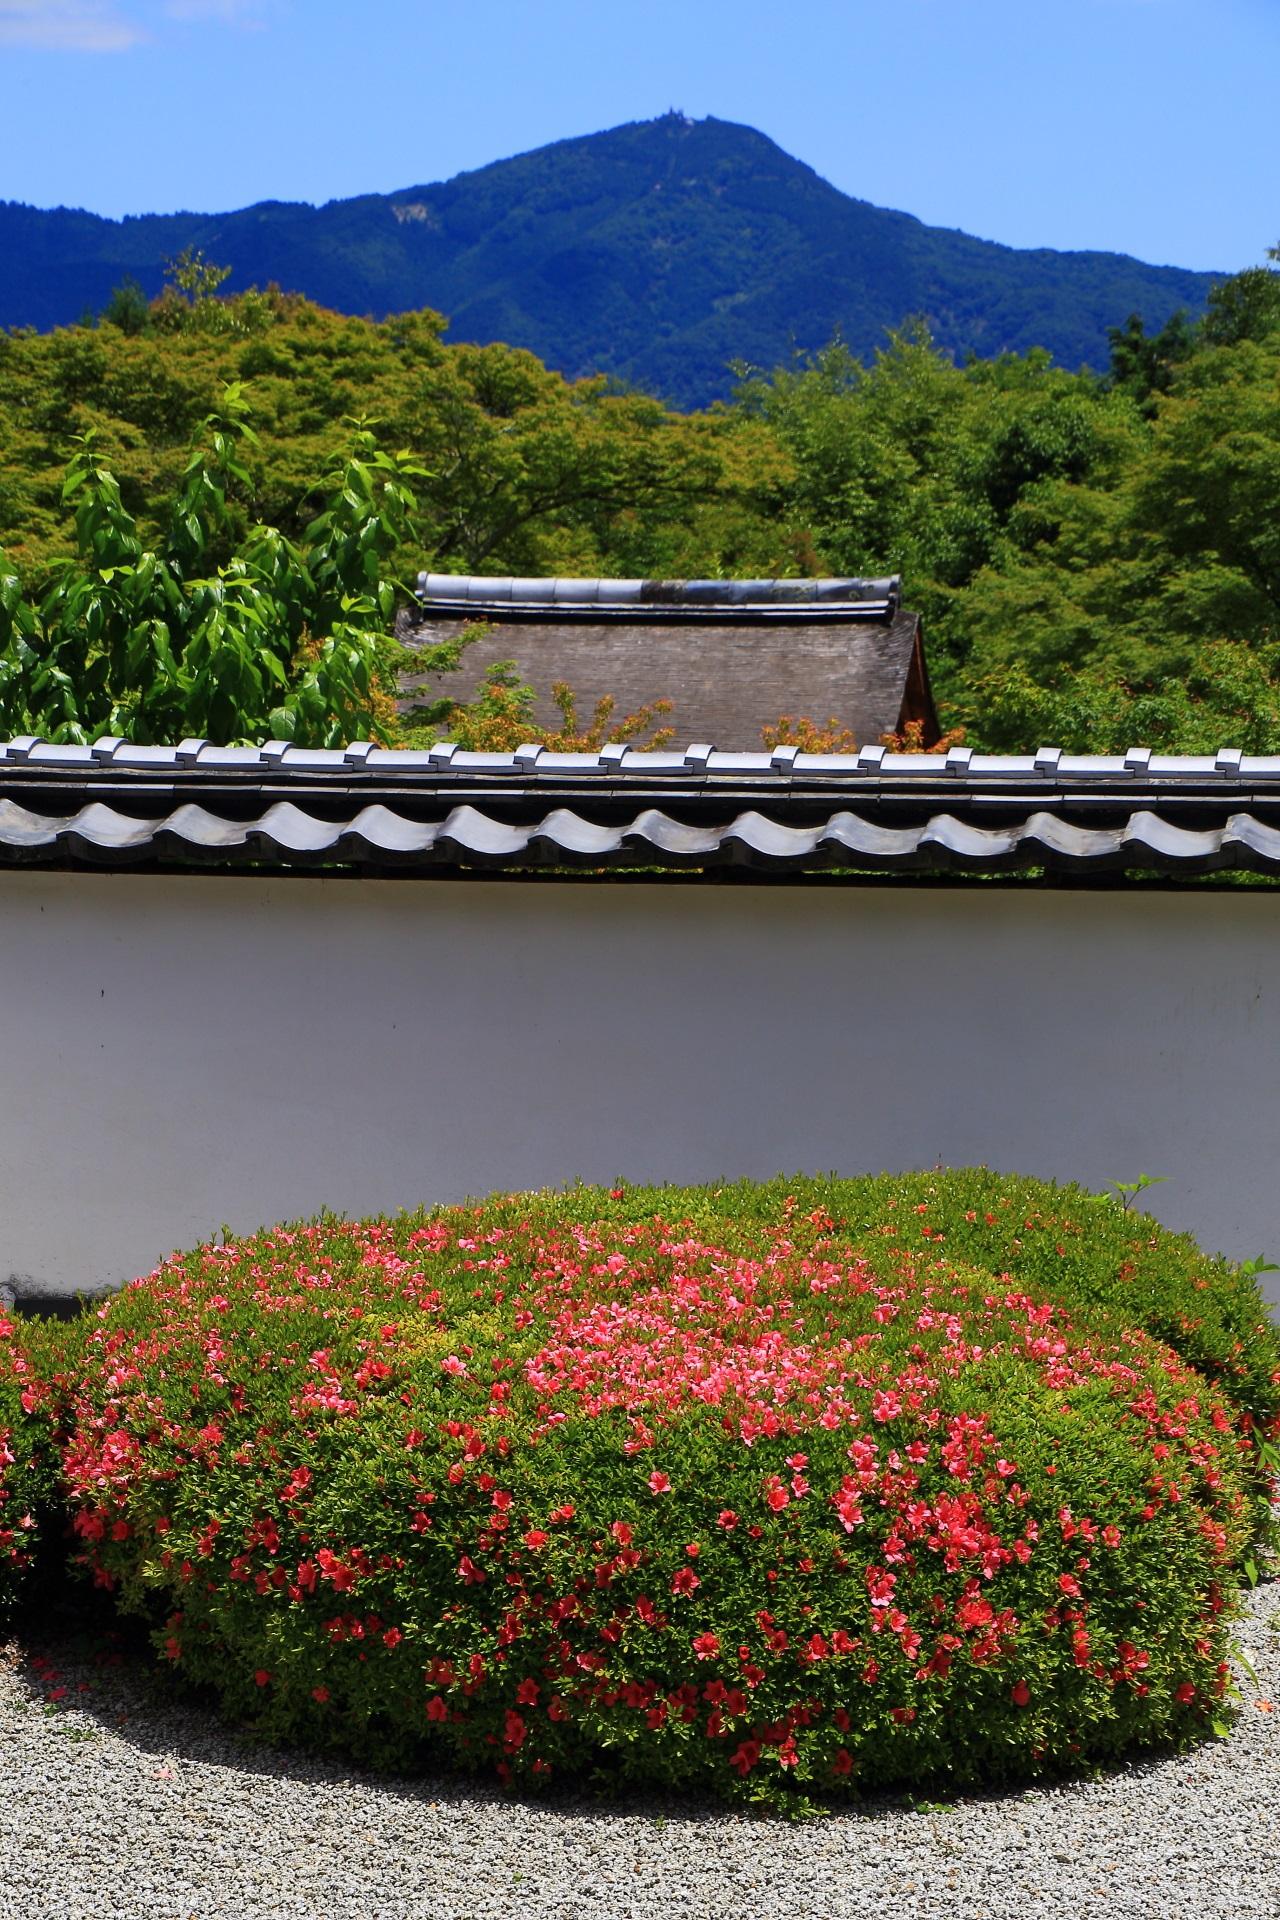 正伝寺の見事な借景庭園の比叡山とサツキ